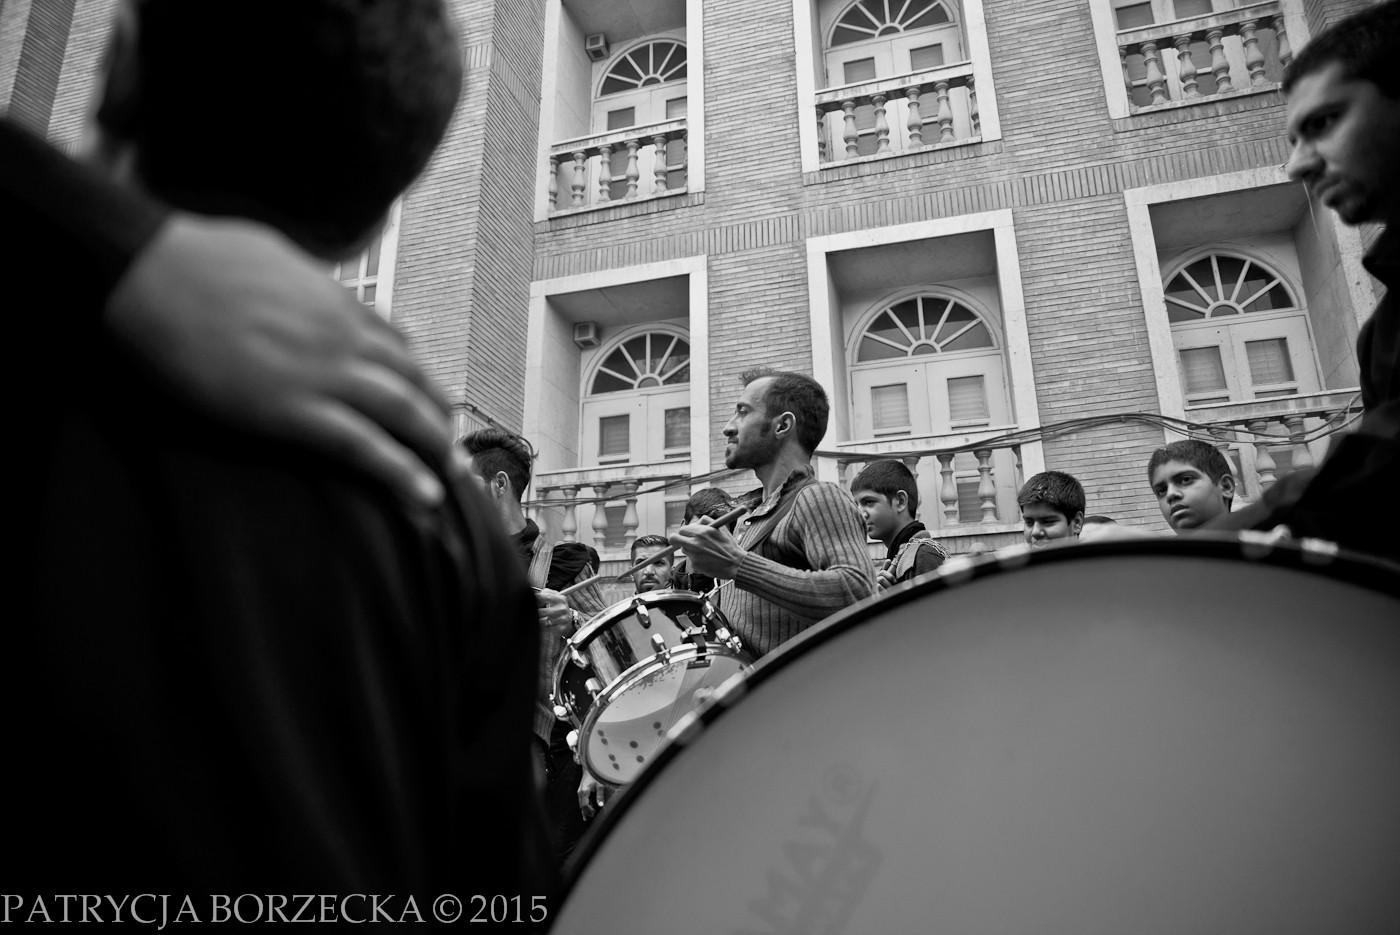 PatrycjaBorzecka-photo-Muharram12